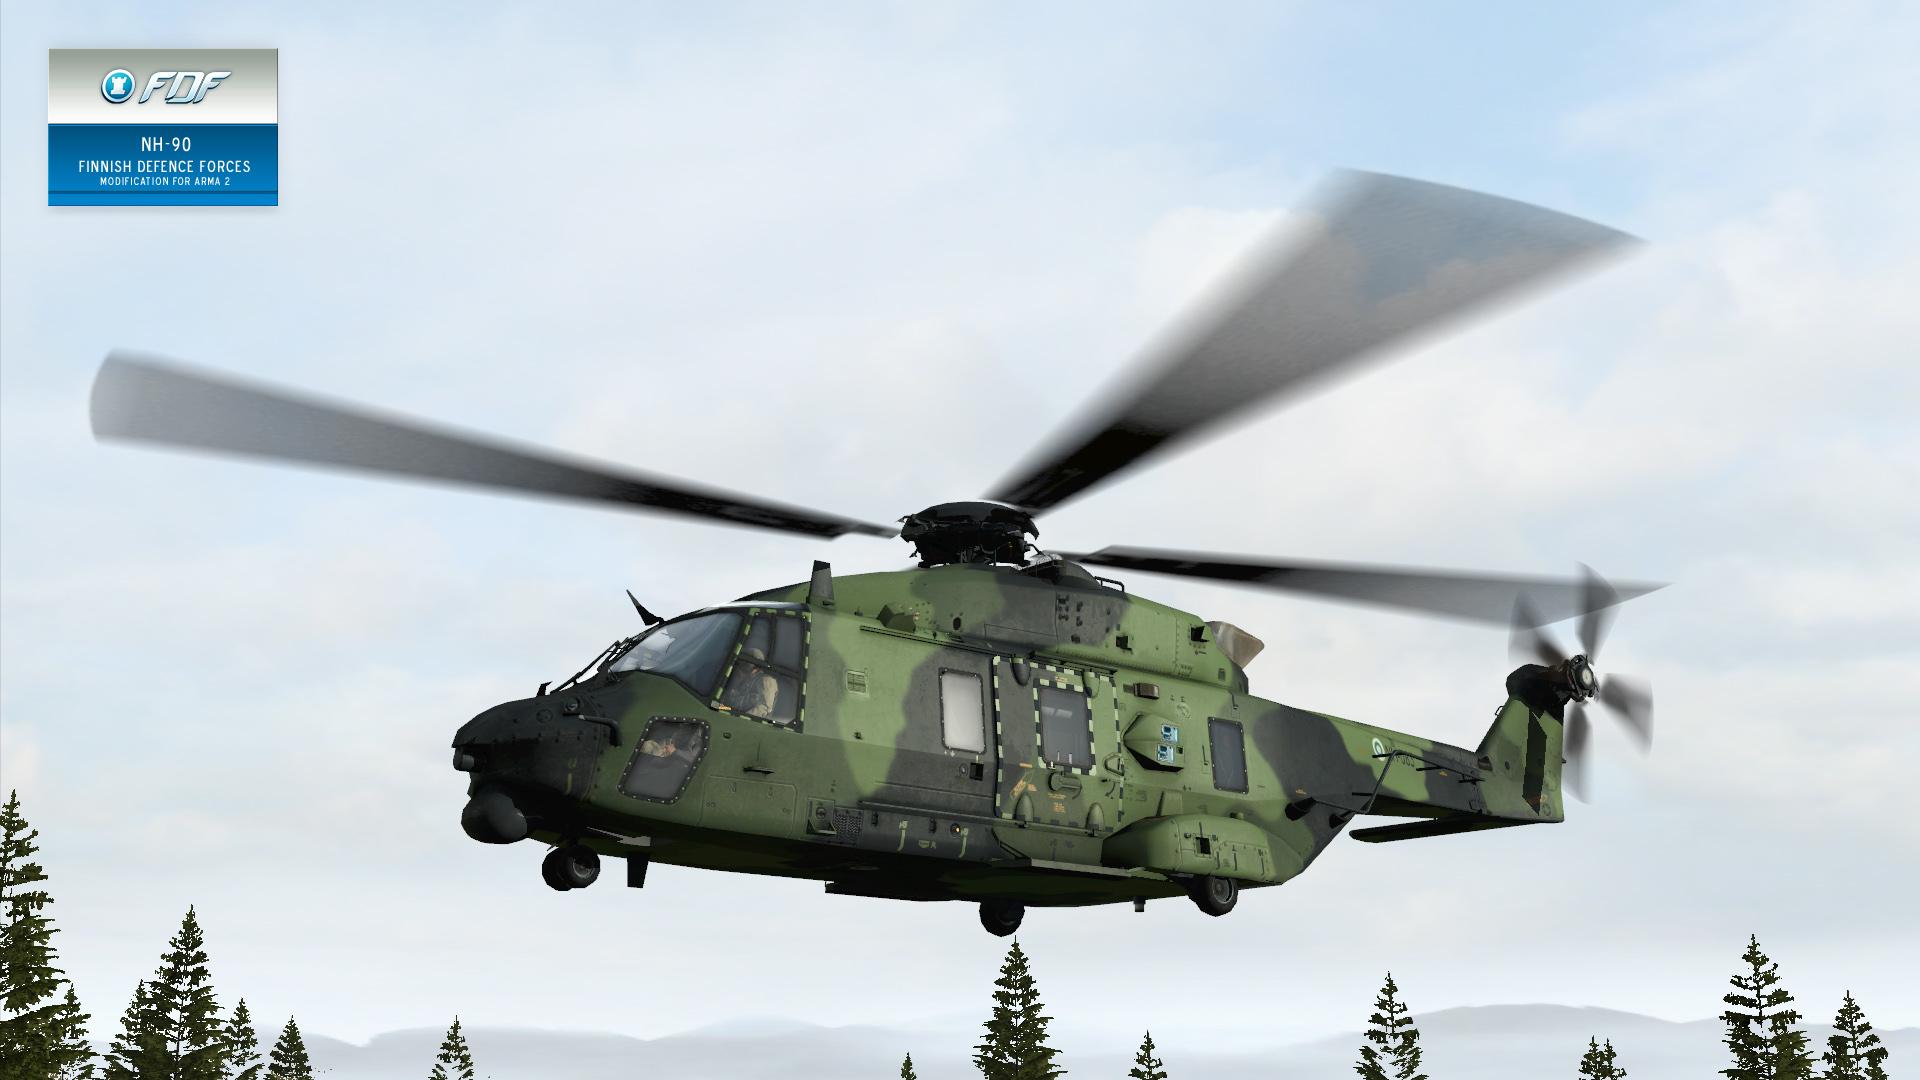 Elicottero Nh90 : Fdf mod nh